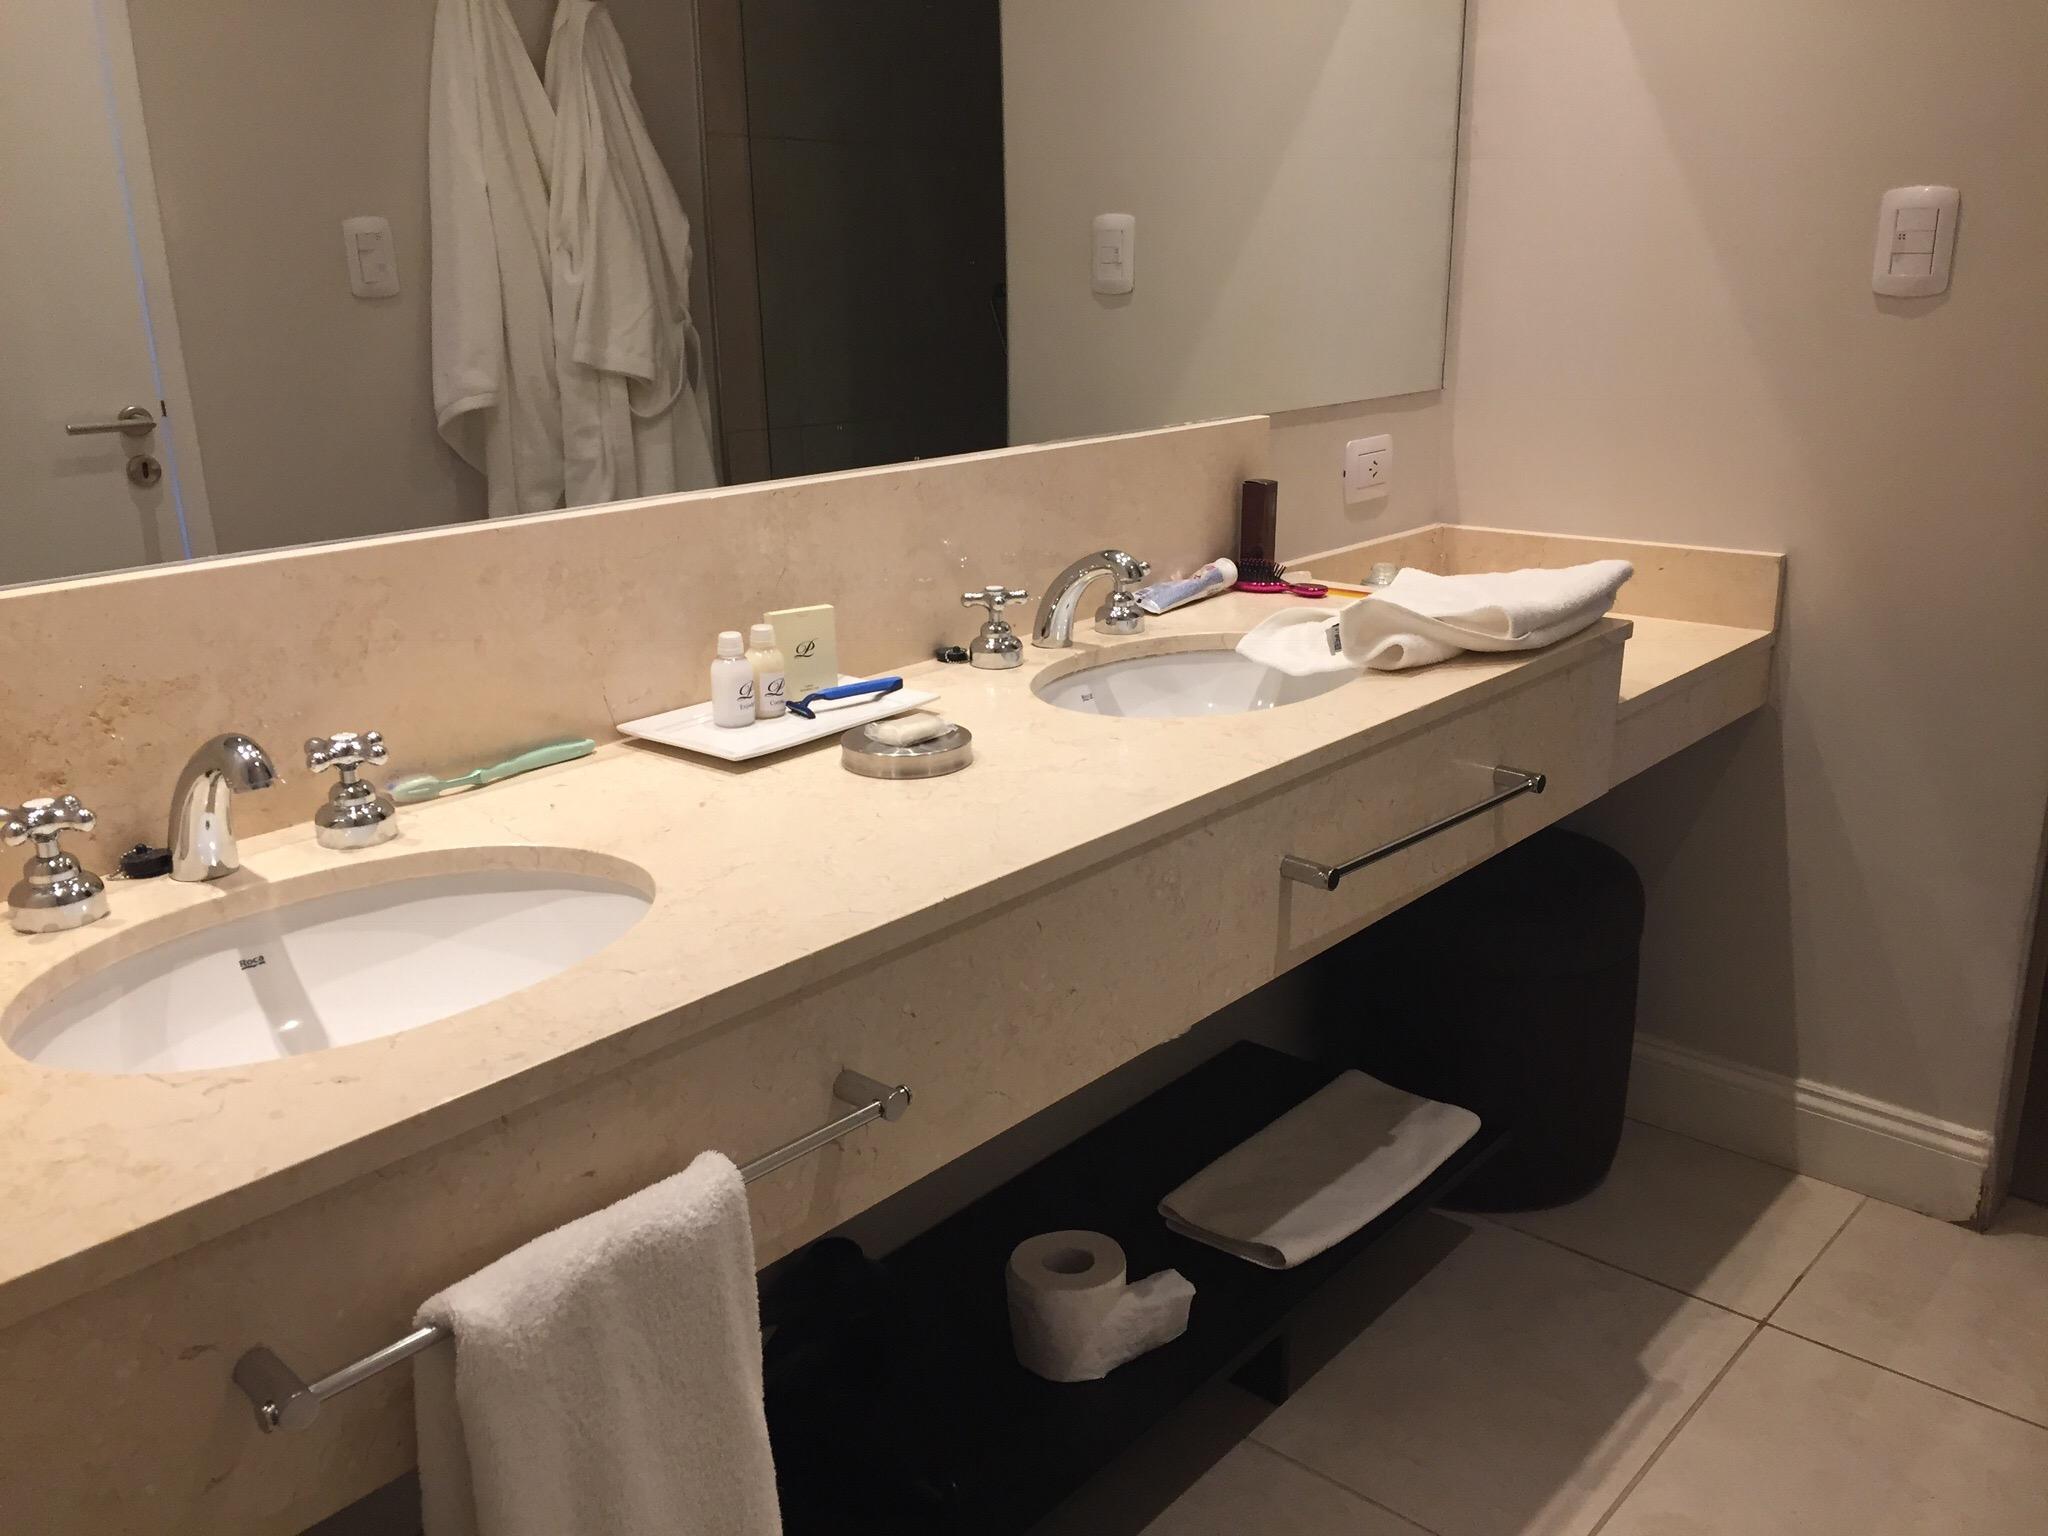 img 8916 - Hotel Auberge du Vin en Mendoza